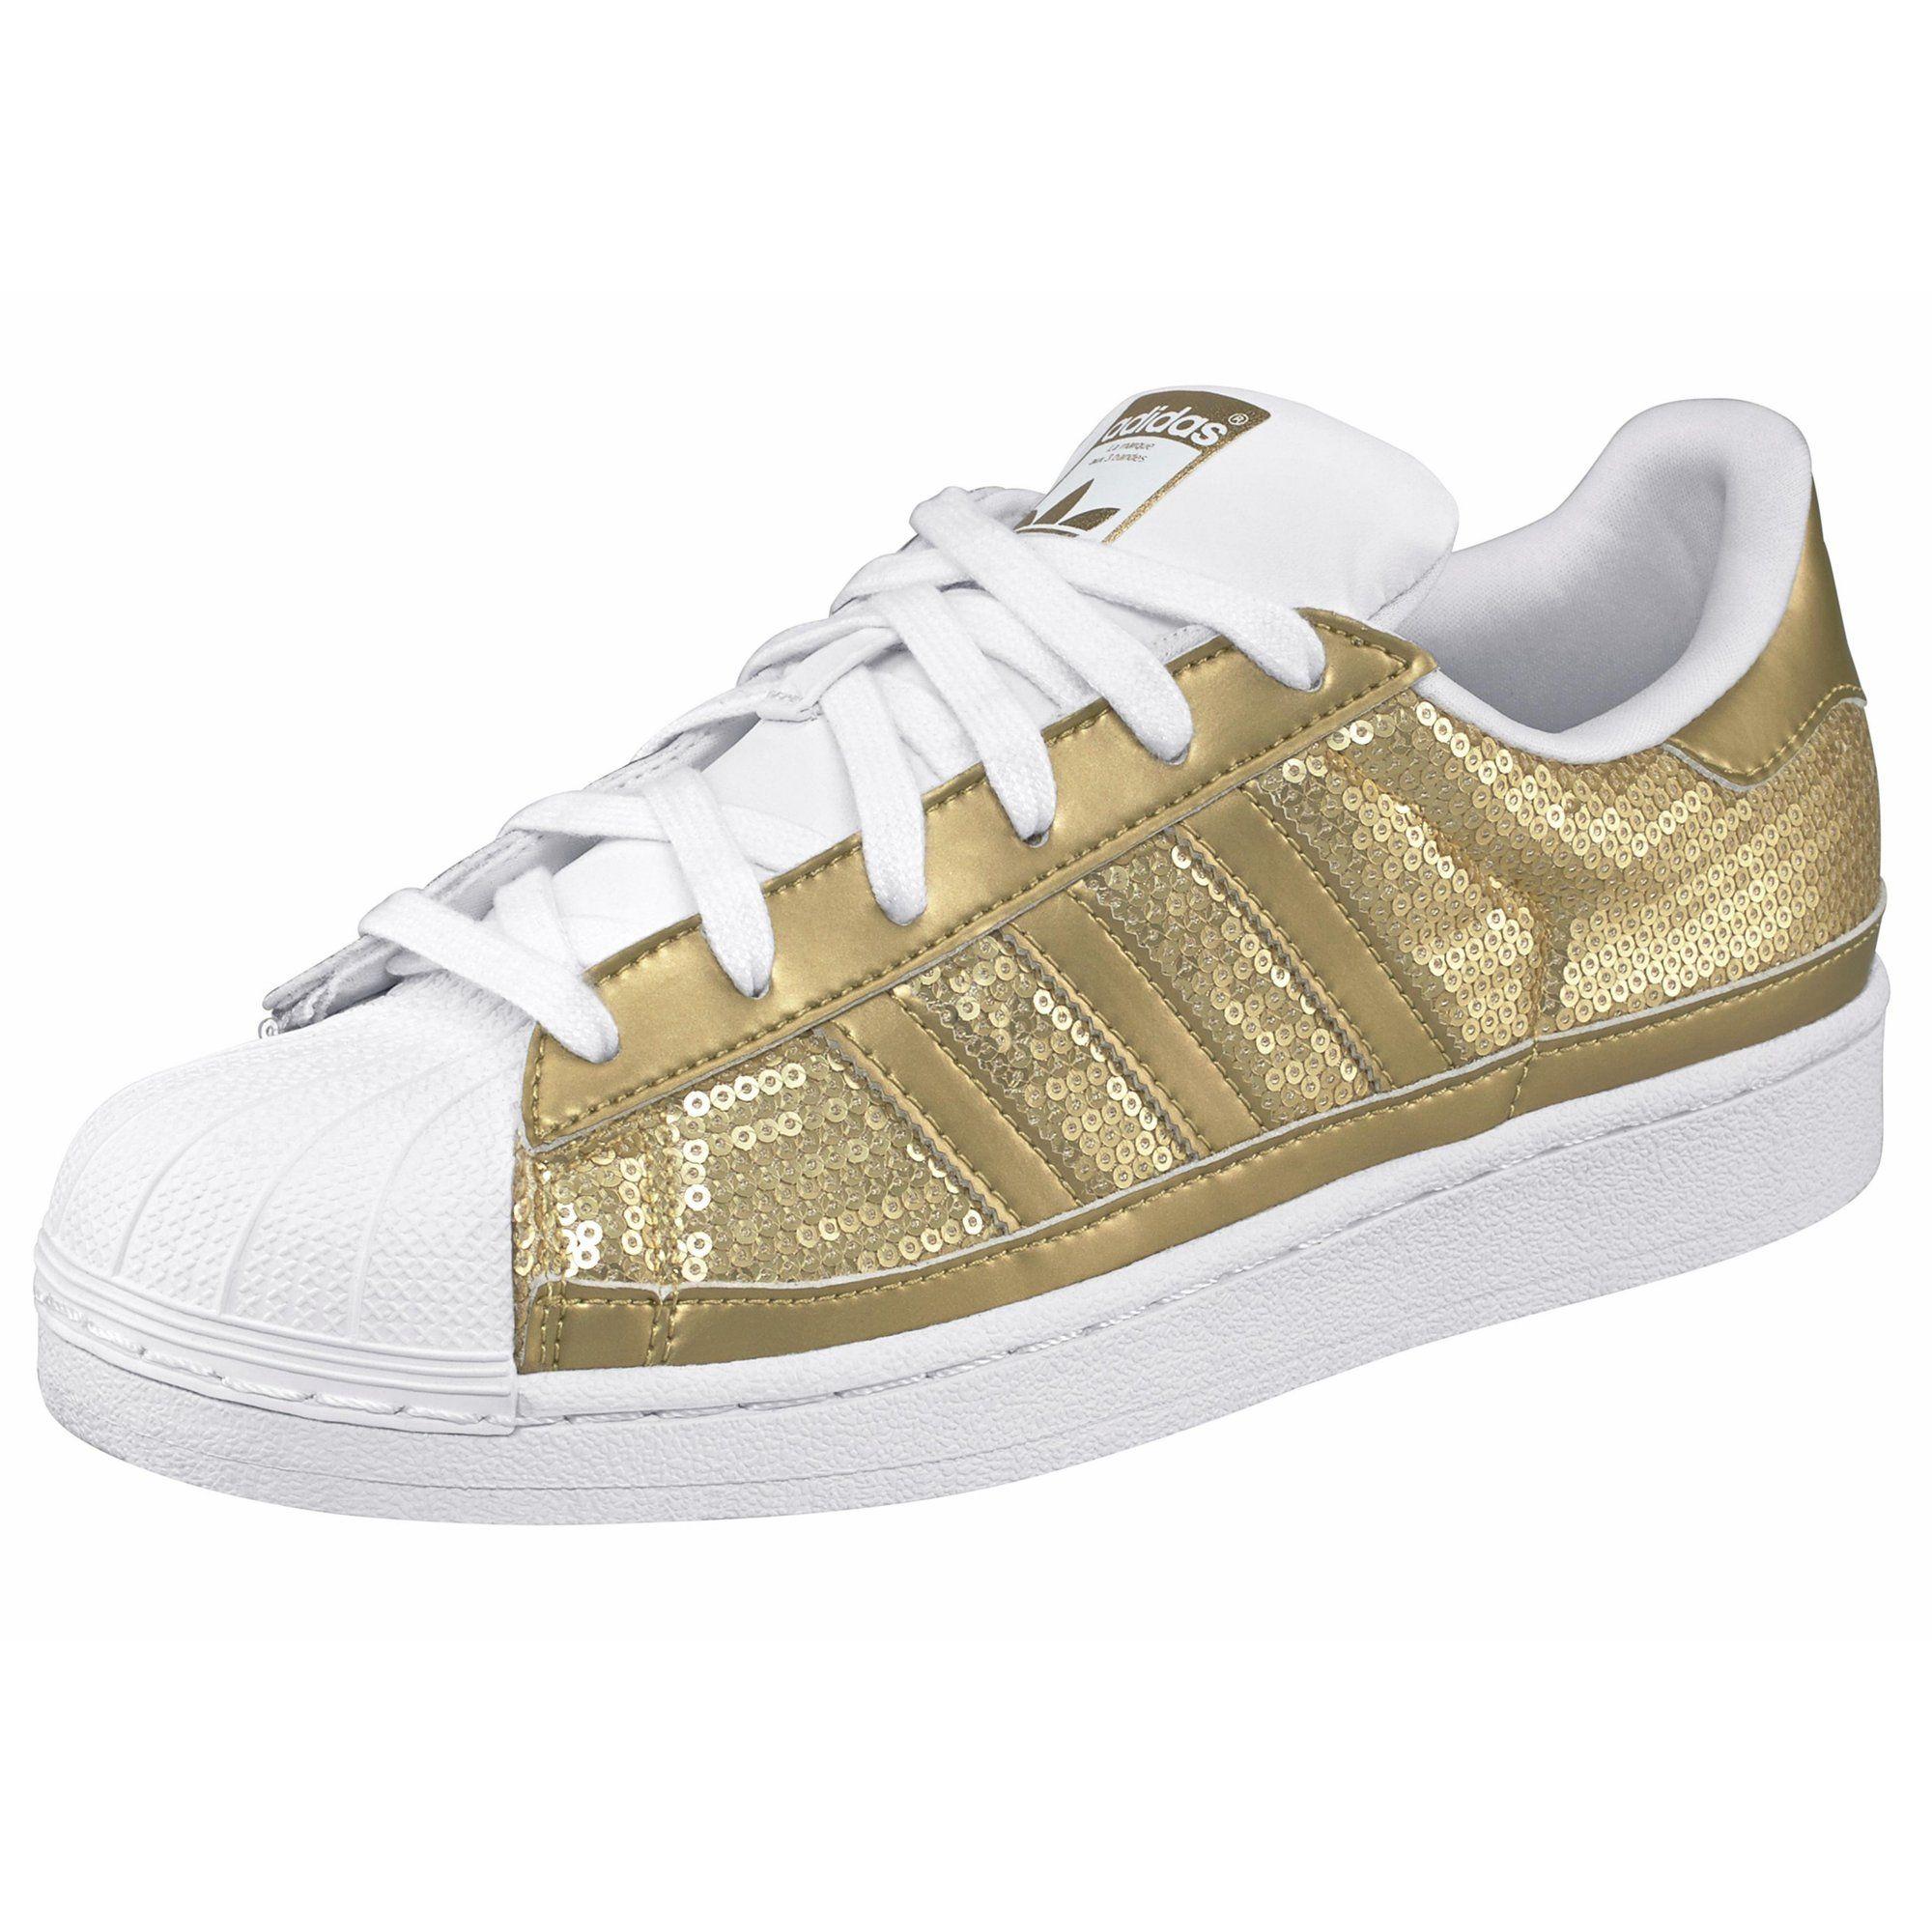 nouveau produit c8d5b c28d4 adidas Originals Superstar W tennis basse imprimées ou ...